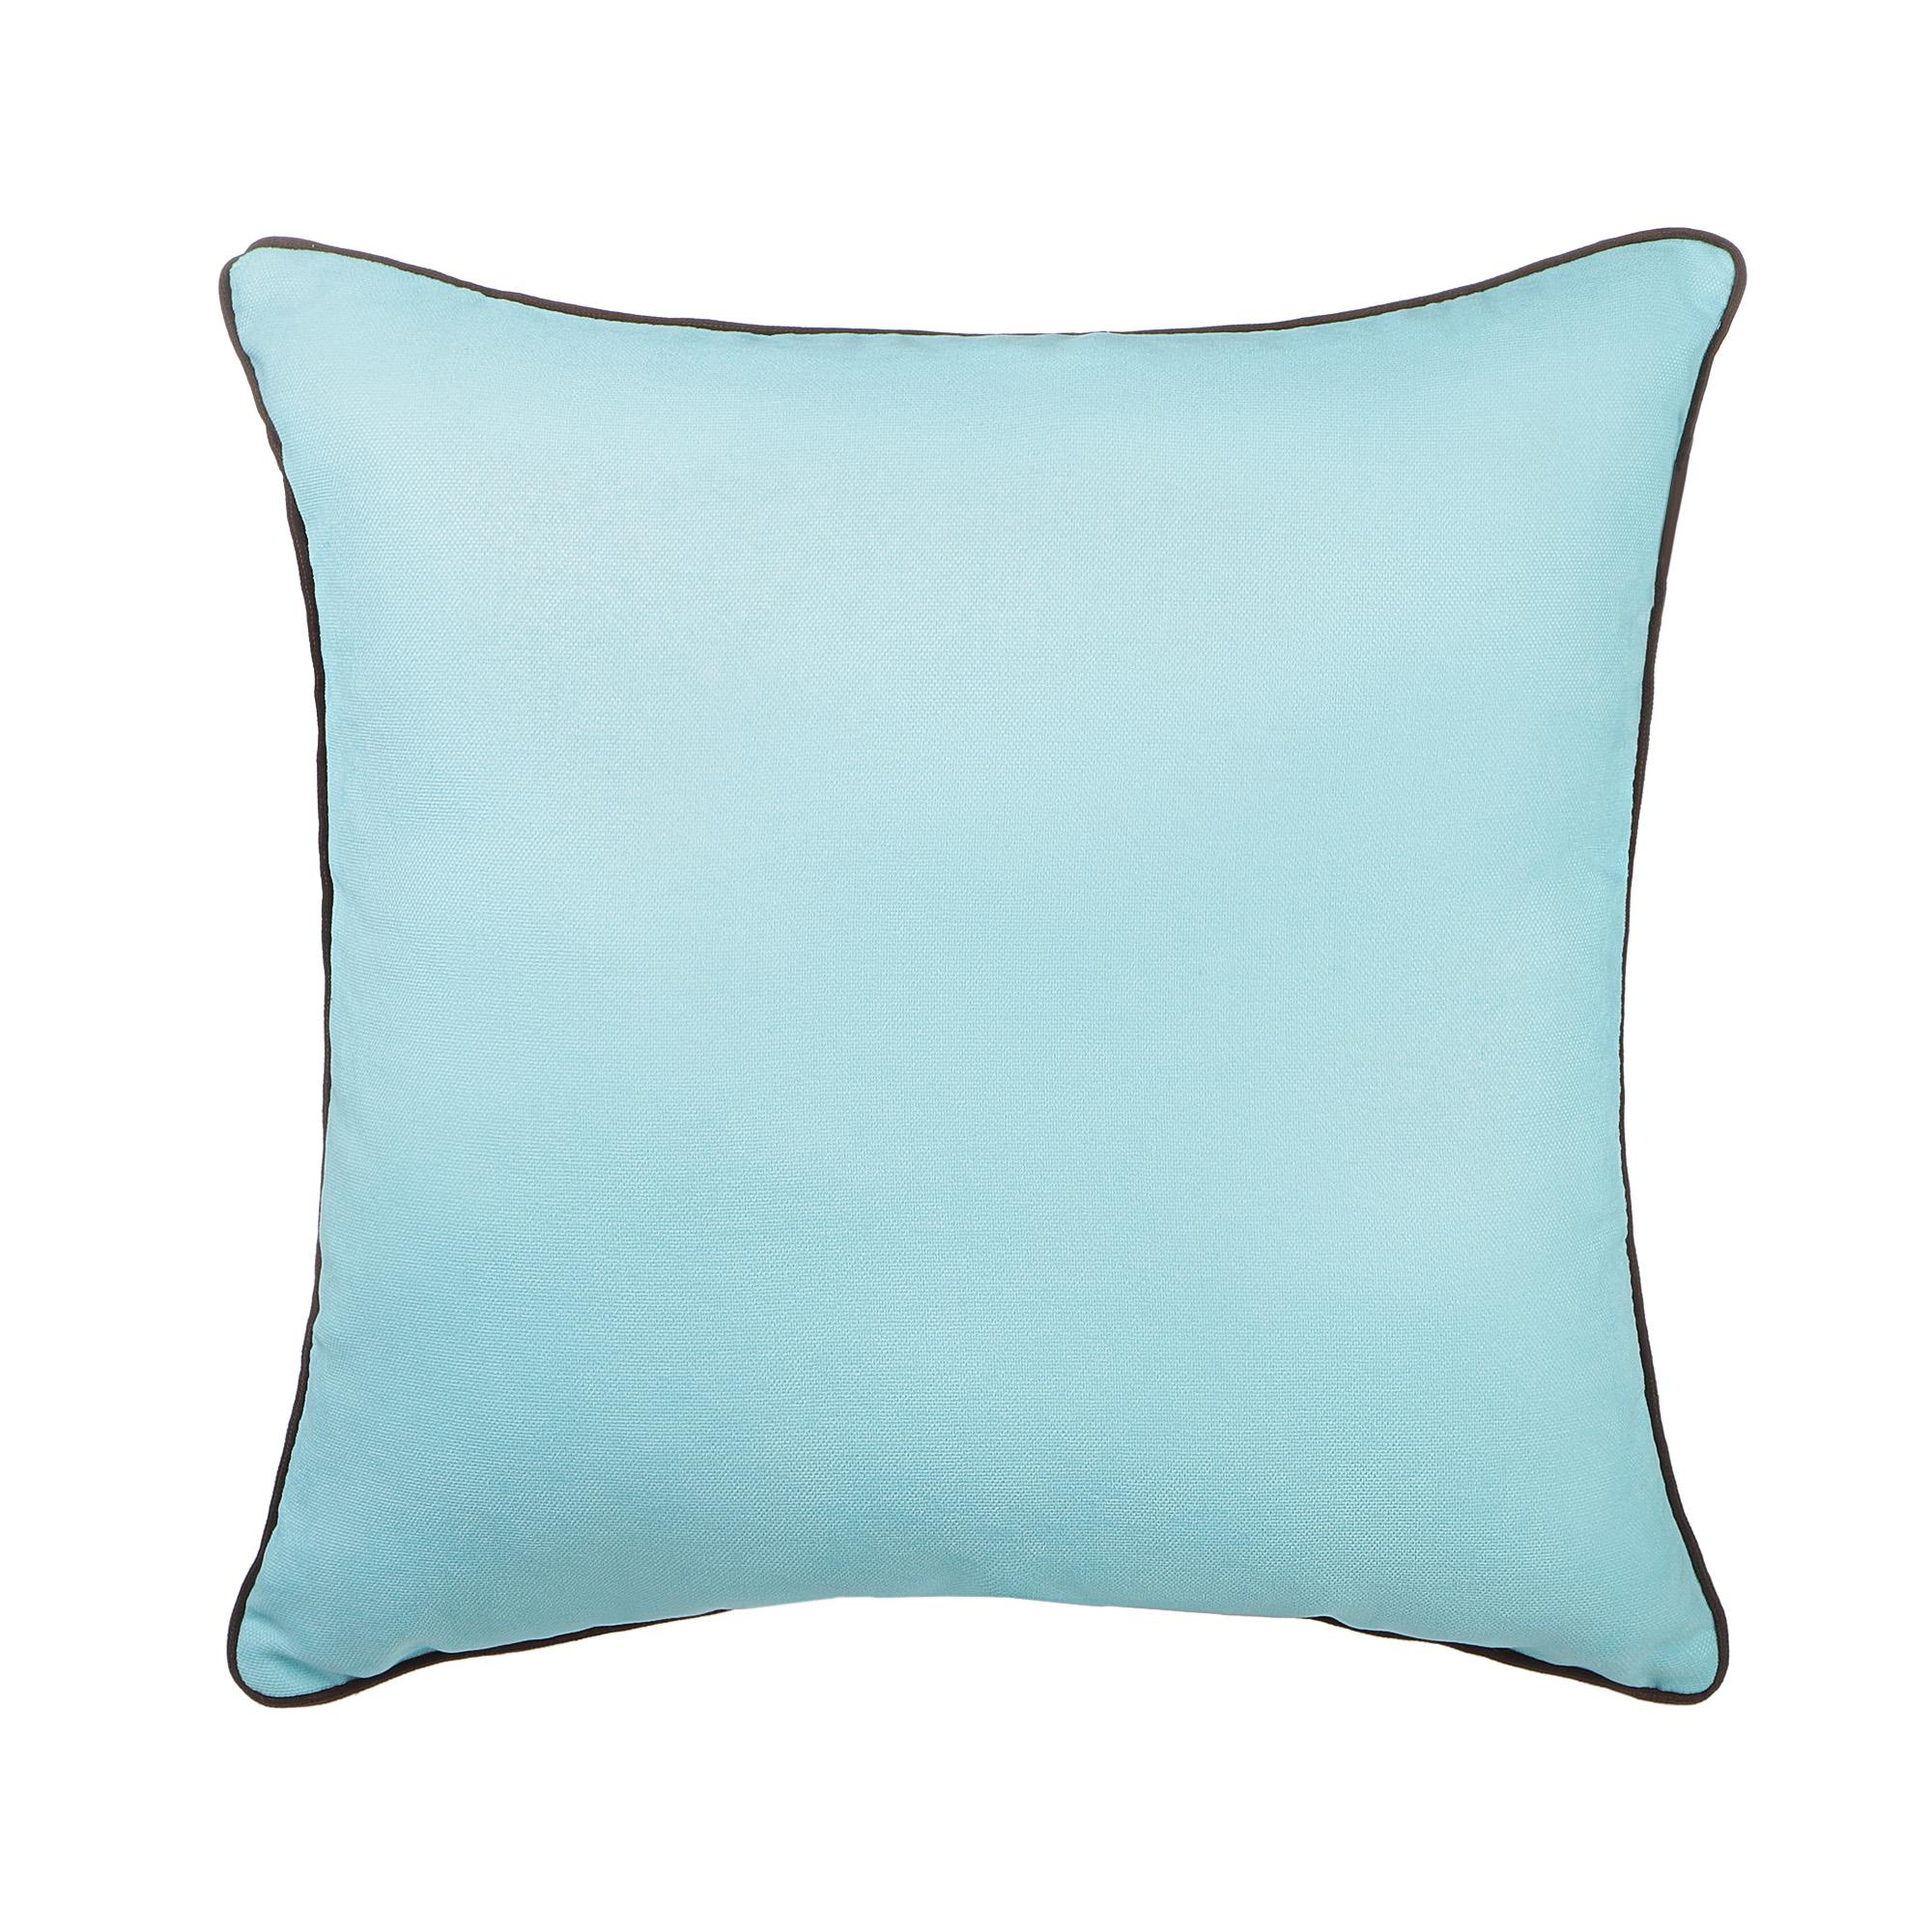 Декоративная подушка Sanpa Элиза бирюзовая 40х40 см подушка декоративная коллекция а6 камуфляж 40х40 см